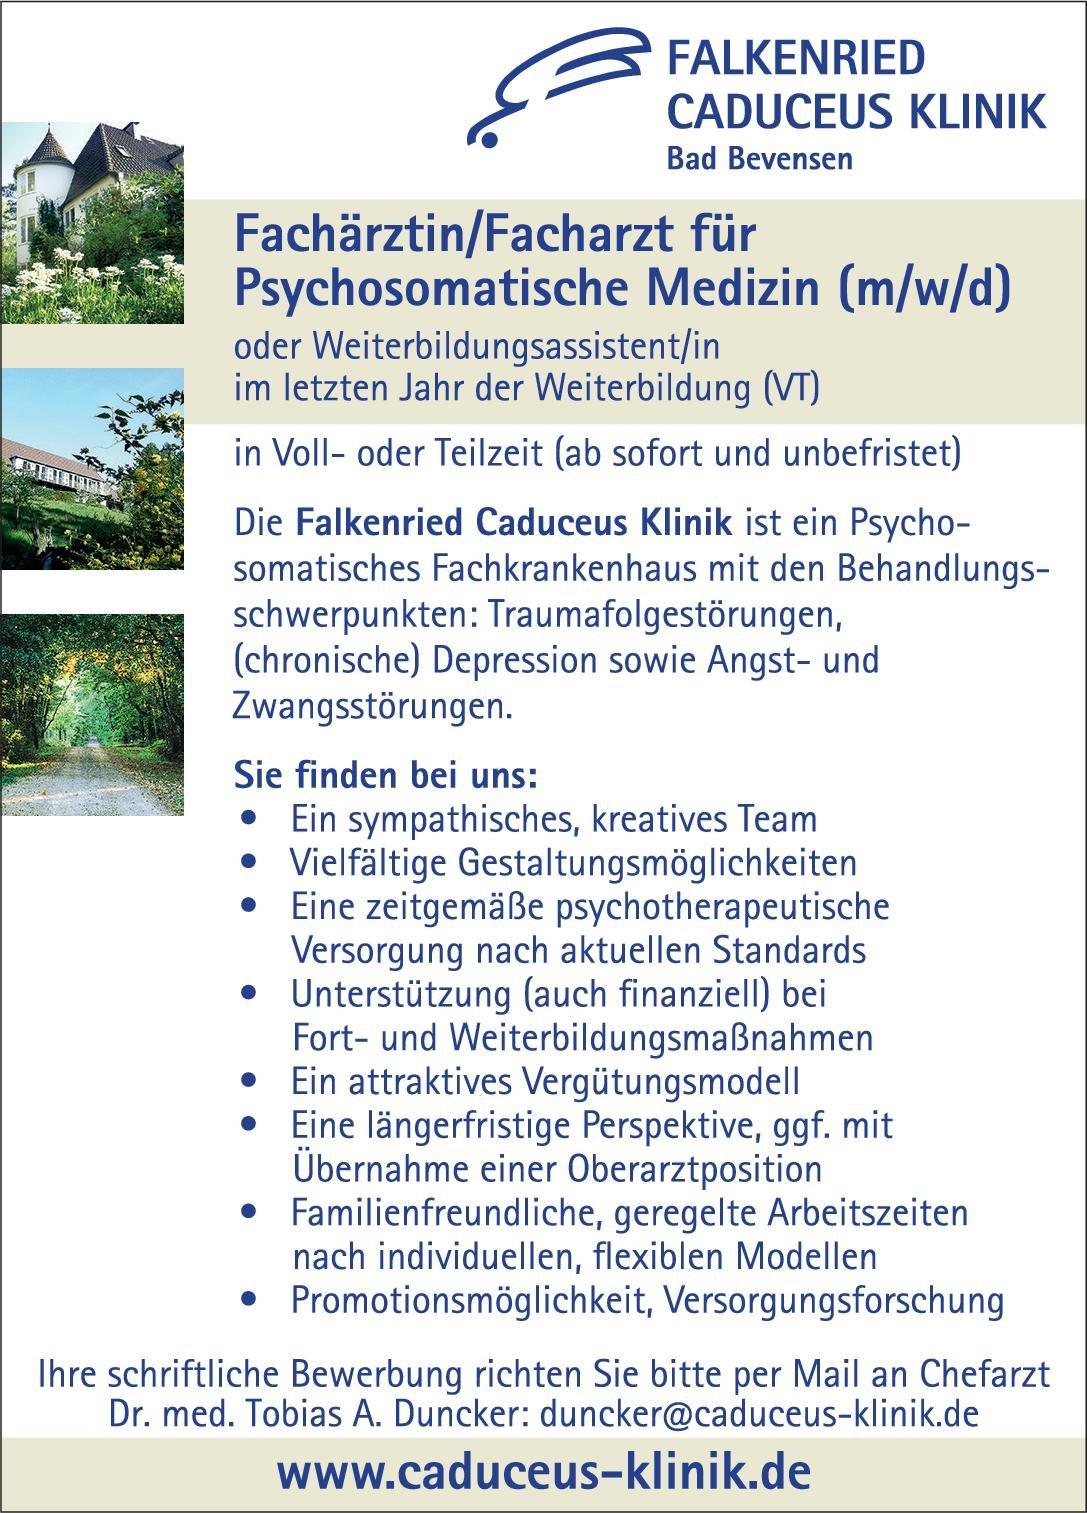 Falkenried Caduceus Klinik Fachärztin/Facharzt für Psychosomatische Medizin (m/w/d) Psychosomatische Medizin und Psychotherapie Arzt / Facharzt